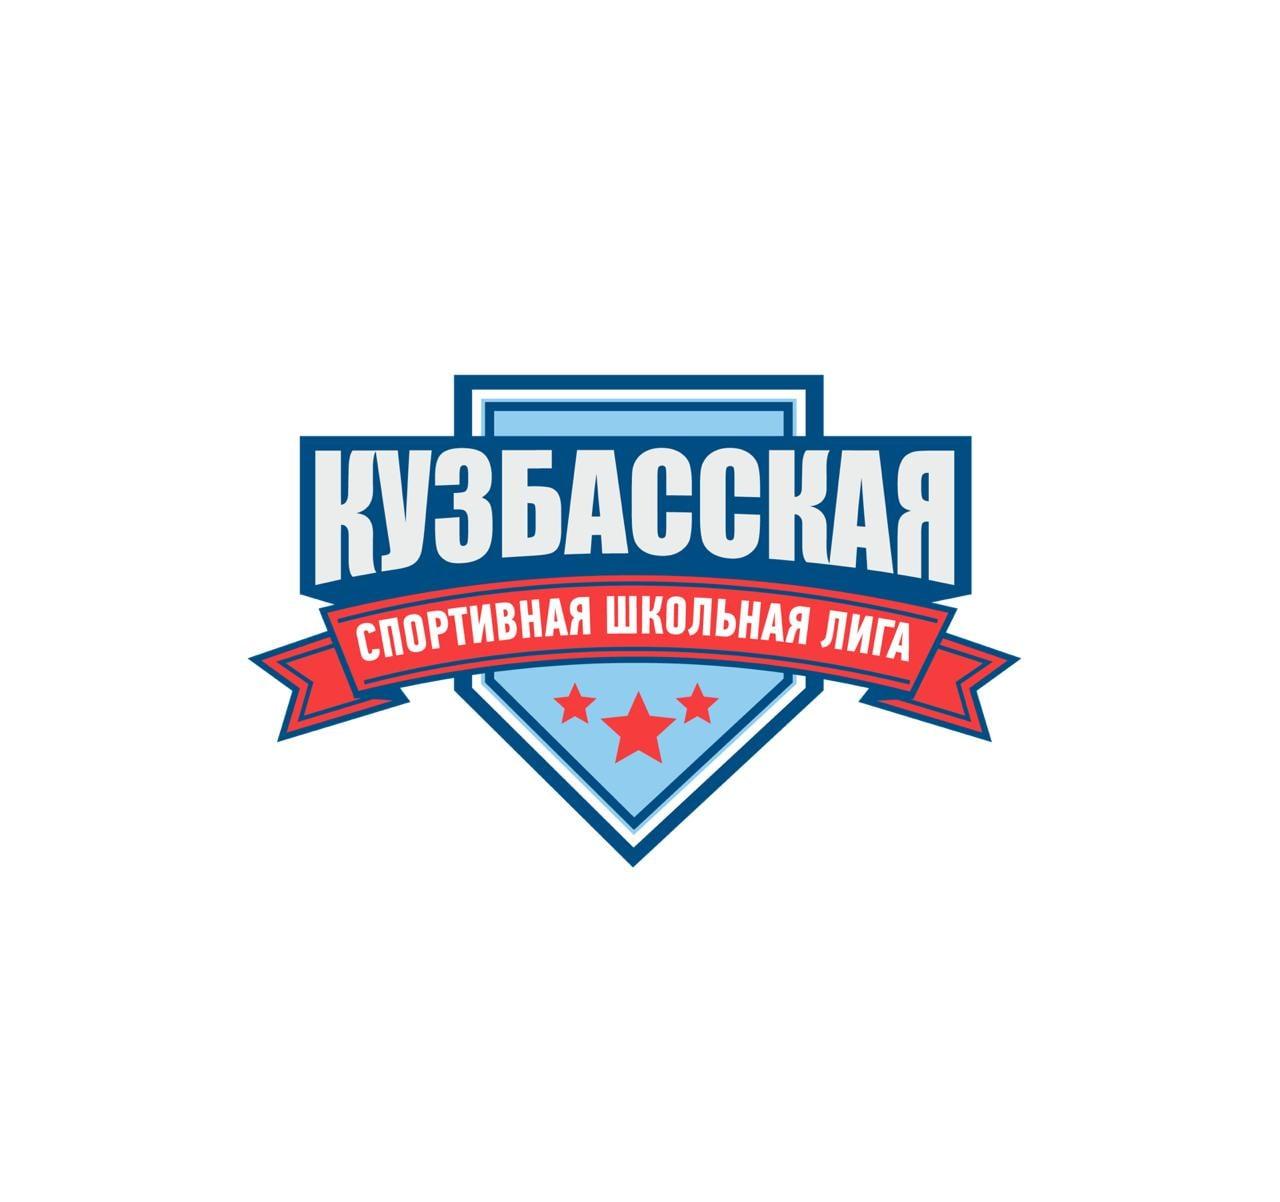 итоги 3 (Дивизионального) этапа «Кузбасской спортивной школьной лиги»